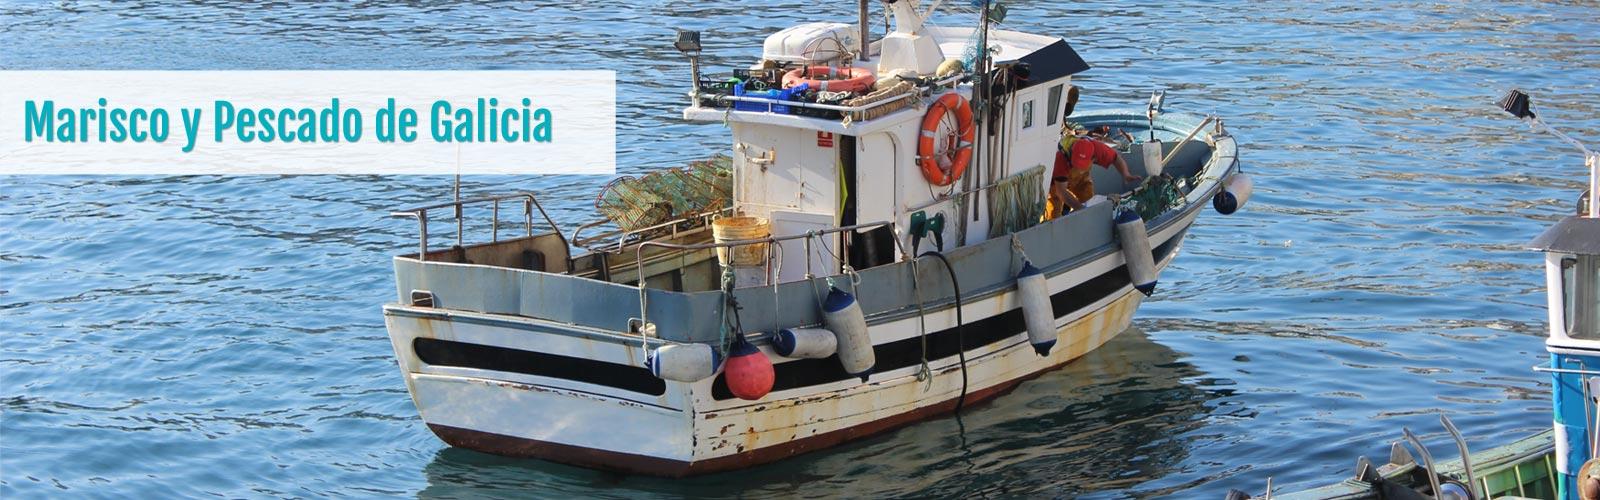 pescaderia online gallega